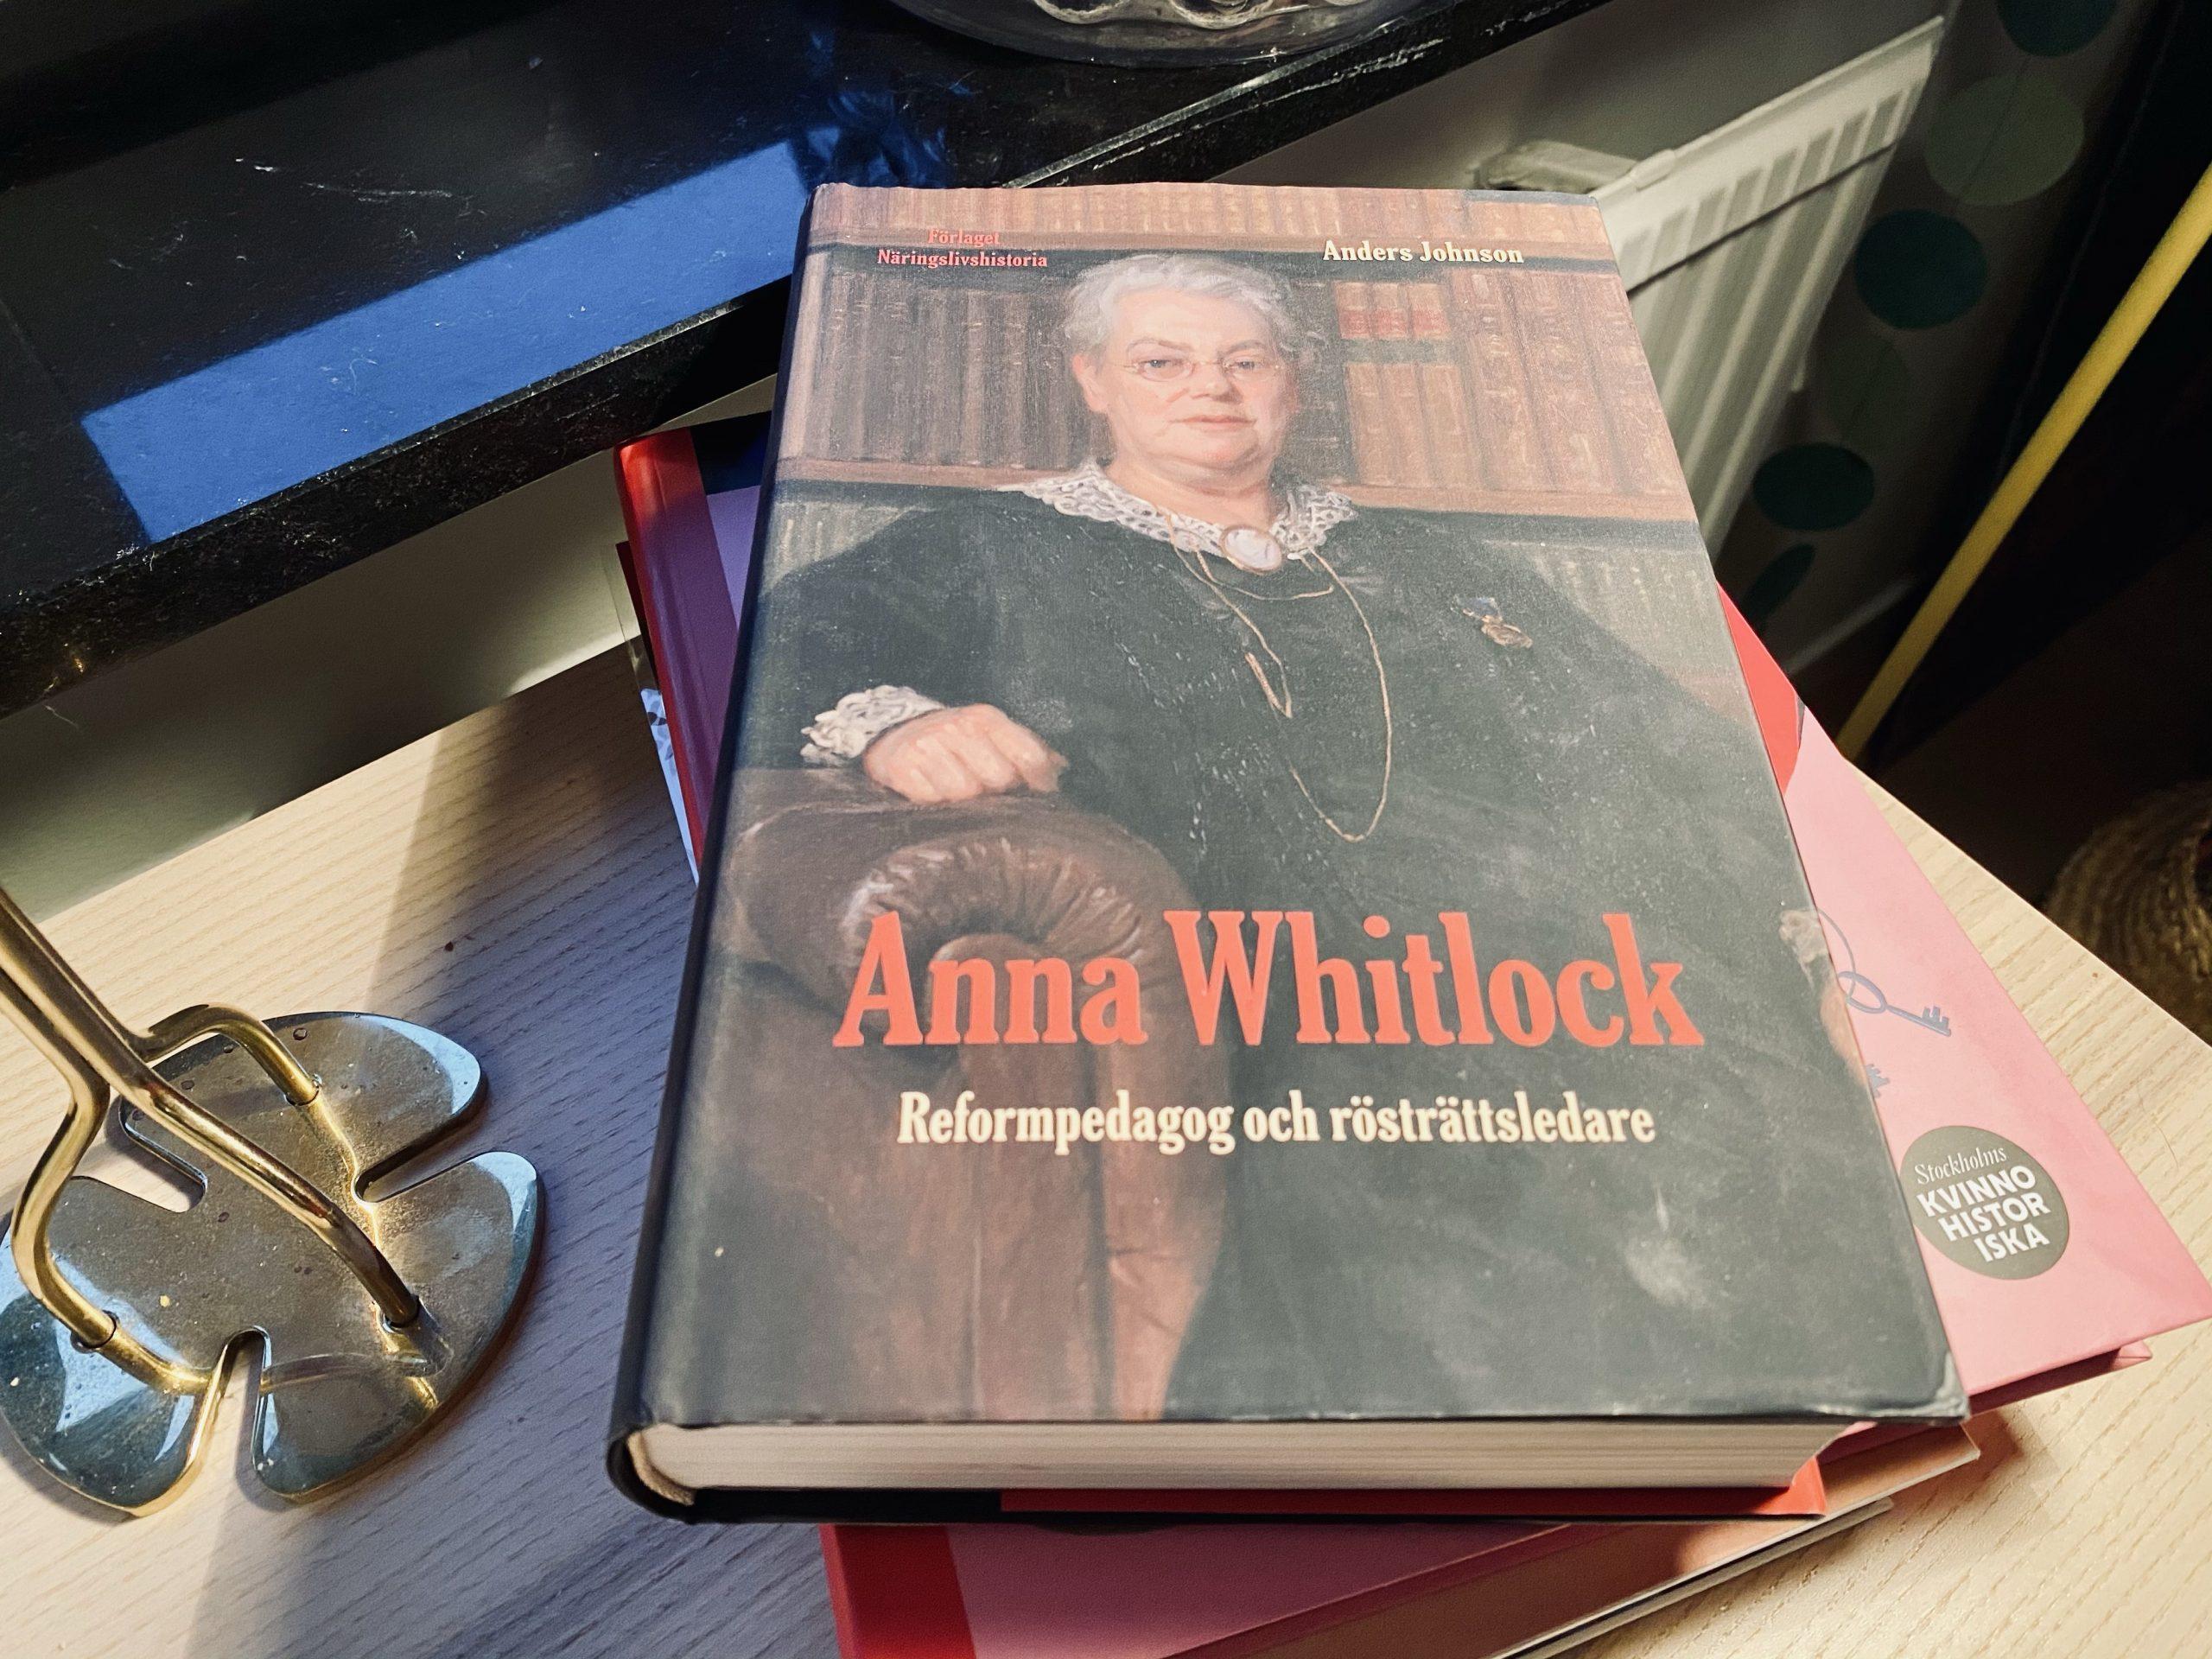 Anna Withlock – reformpedagog och rösträttsledare